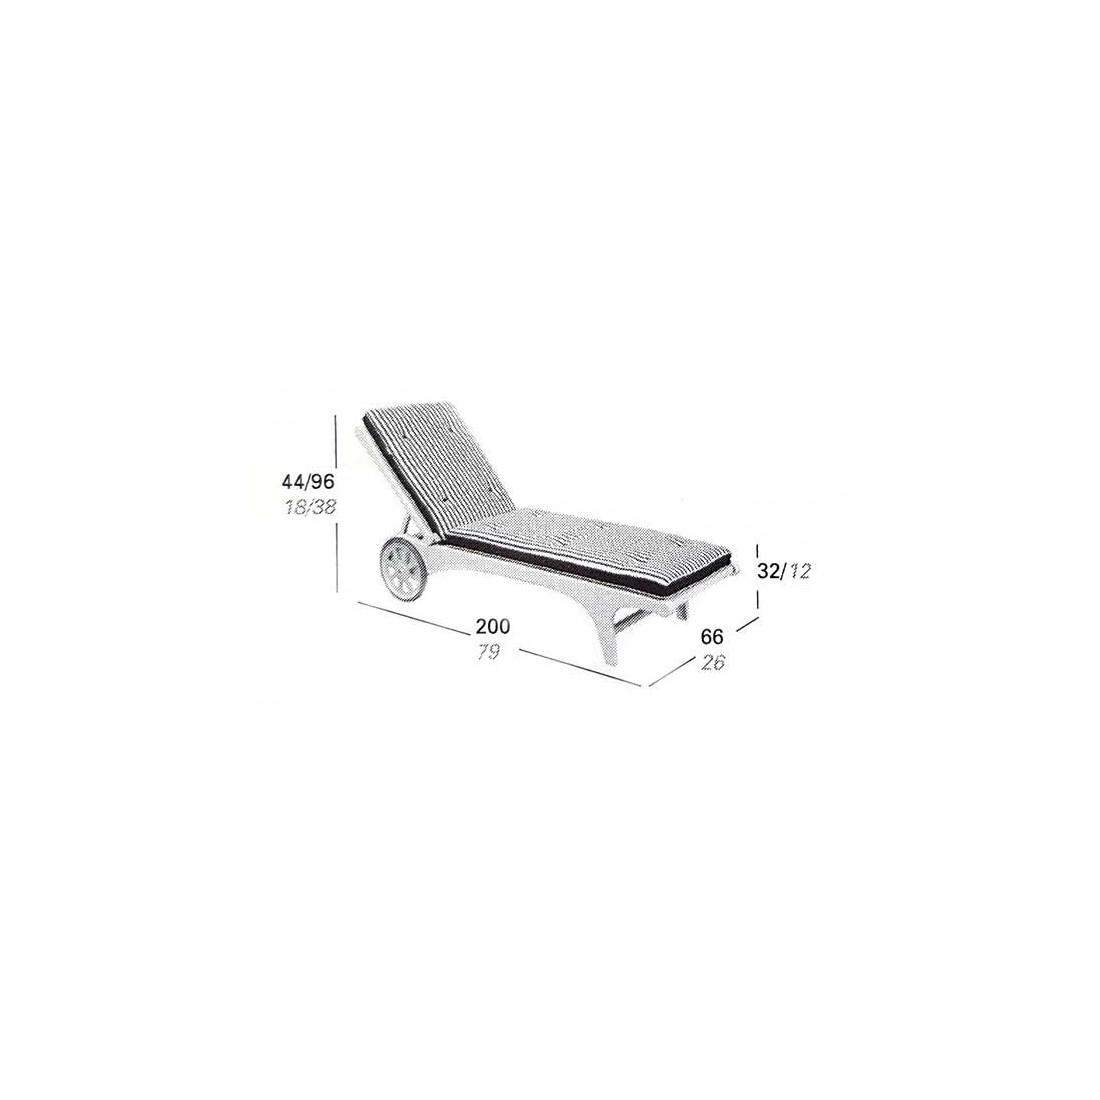 coussin triconfort Coussins compatibles bain de soleil Riviera MT205   TRICONFORT coussin triconfort